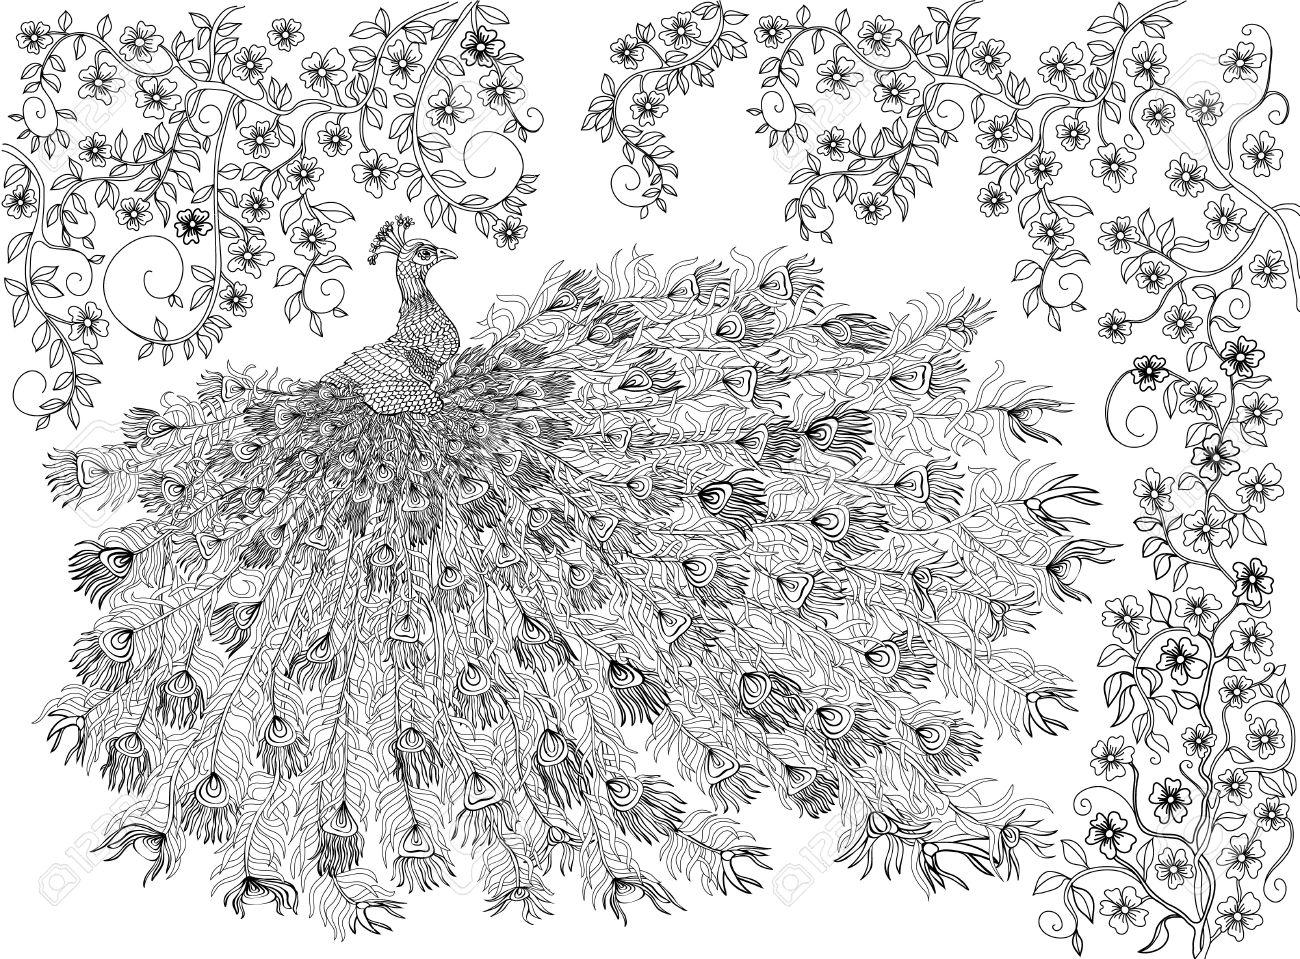 Coloriage Oiseau Sur Arbre.Main Oiseau Dessine Couronne Paon Sur Une Branche D Un Arbre De La